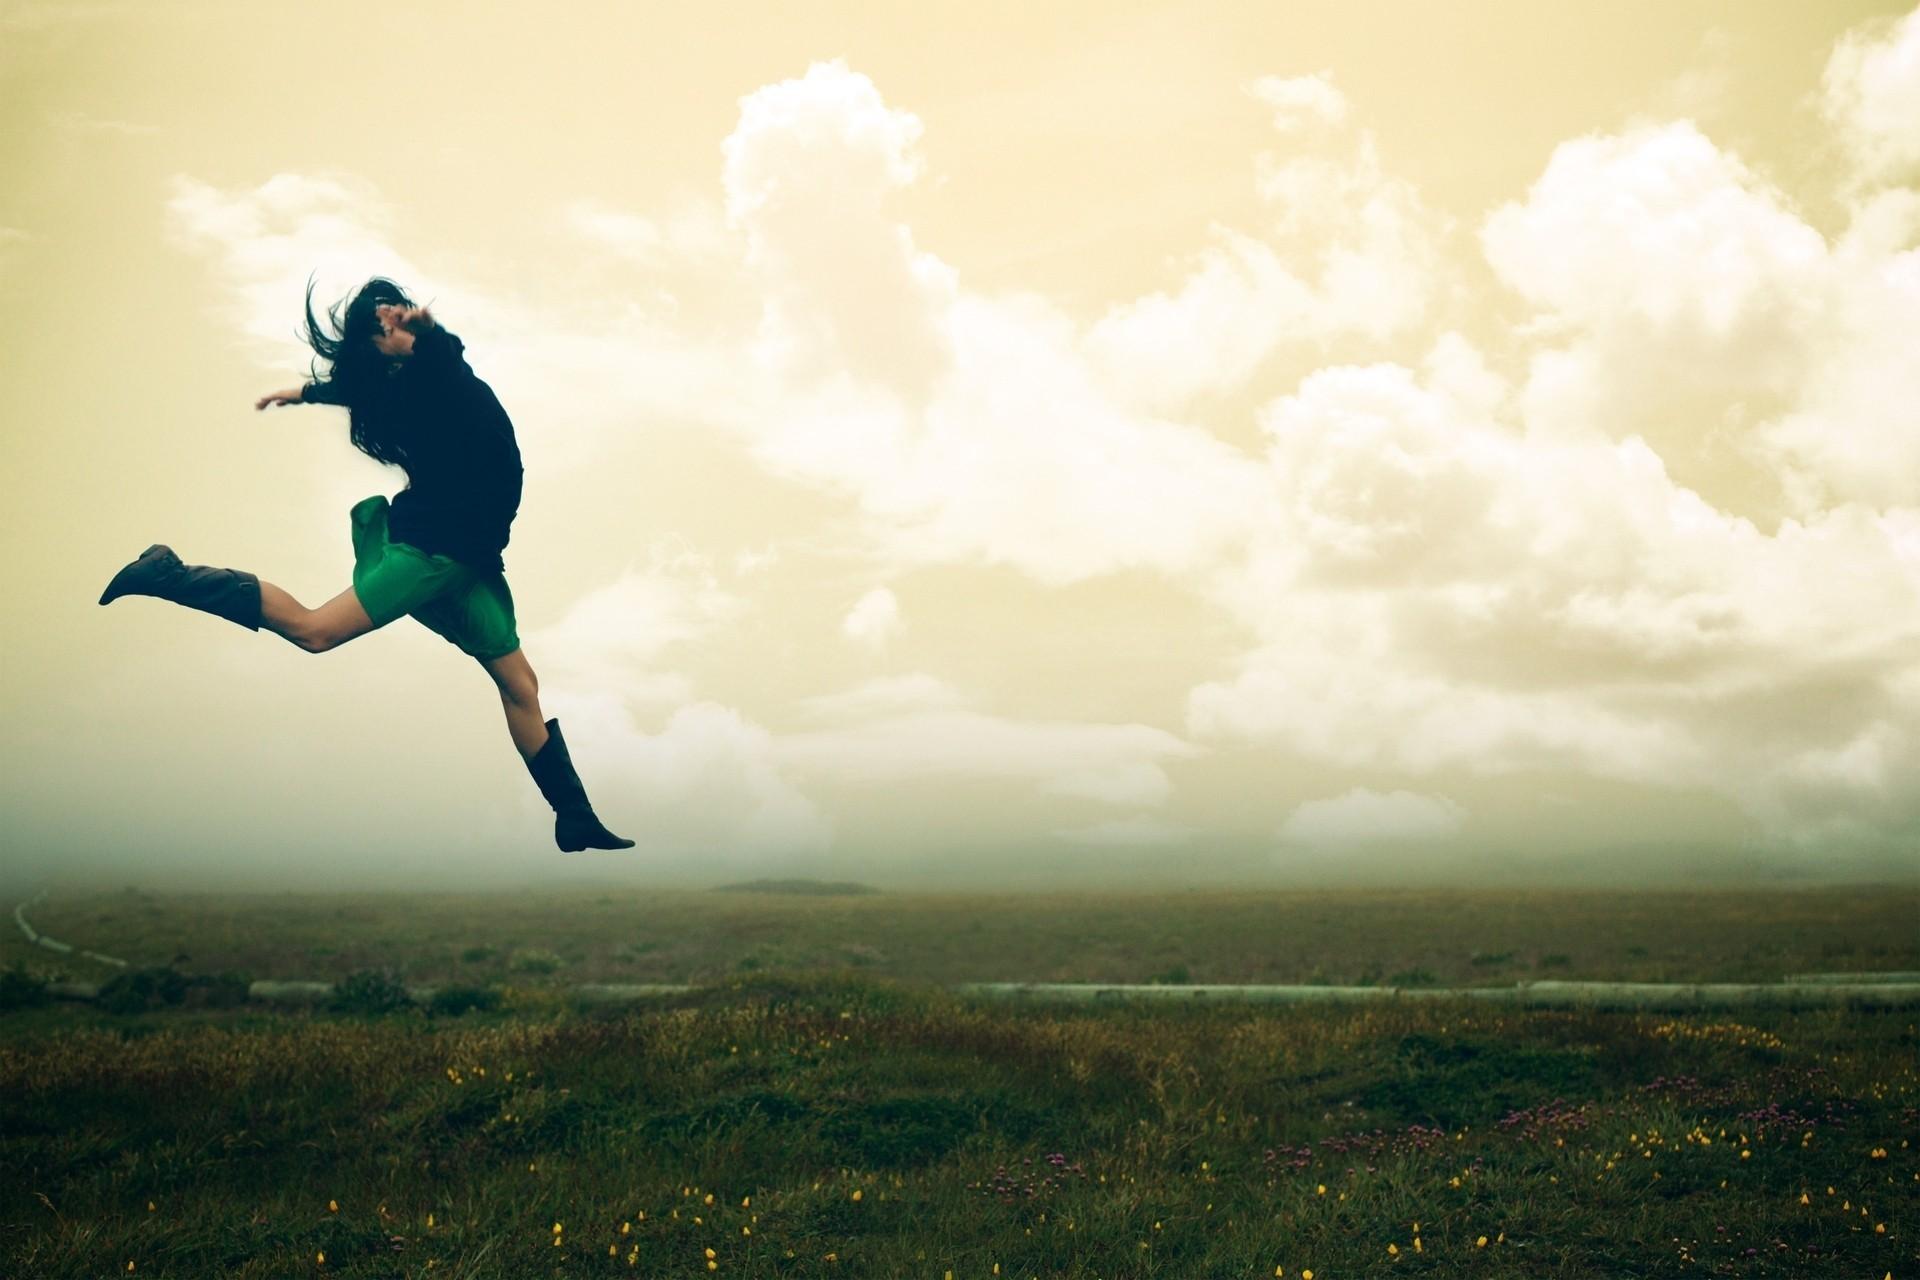 Как сделать фото в воздухе прыжок